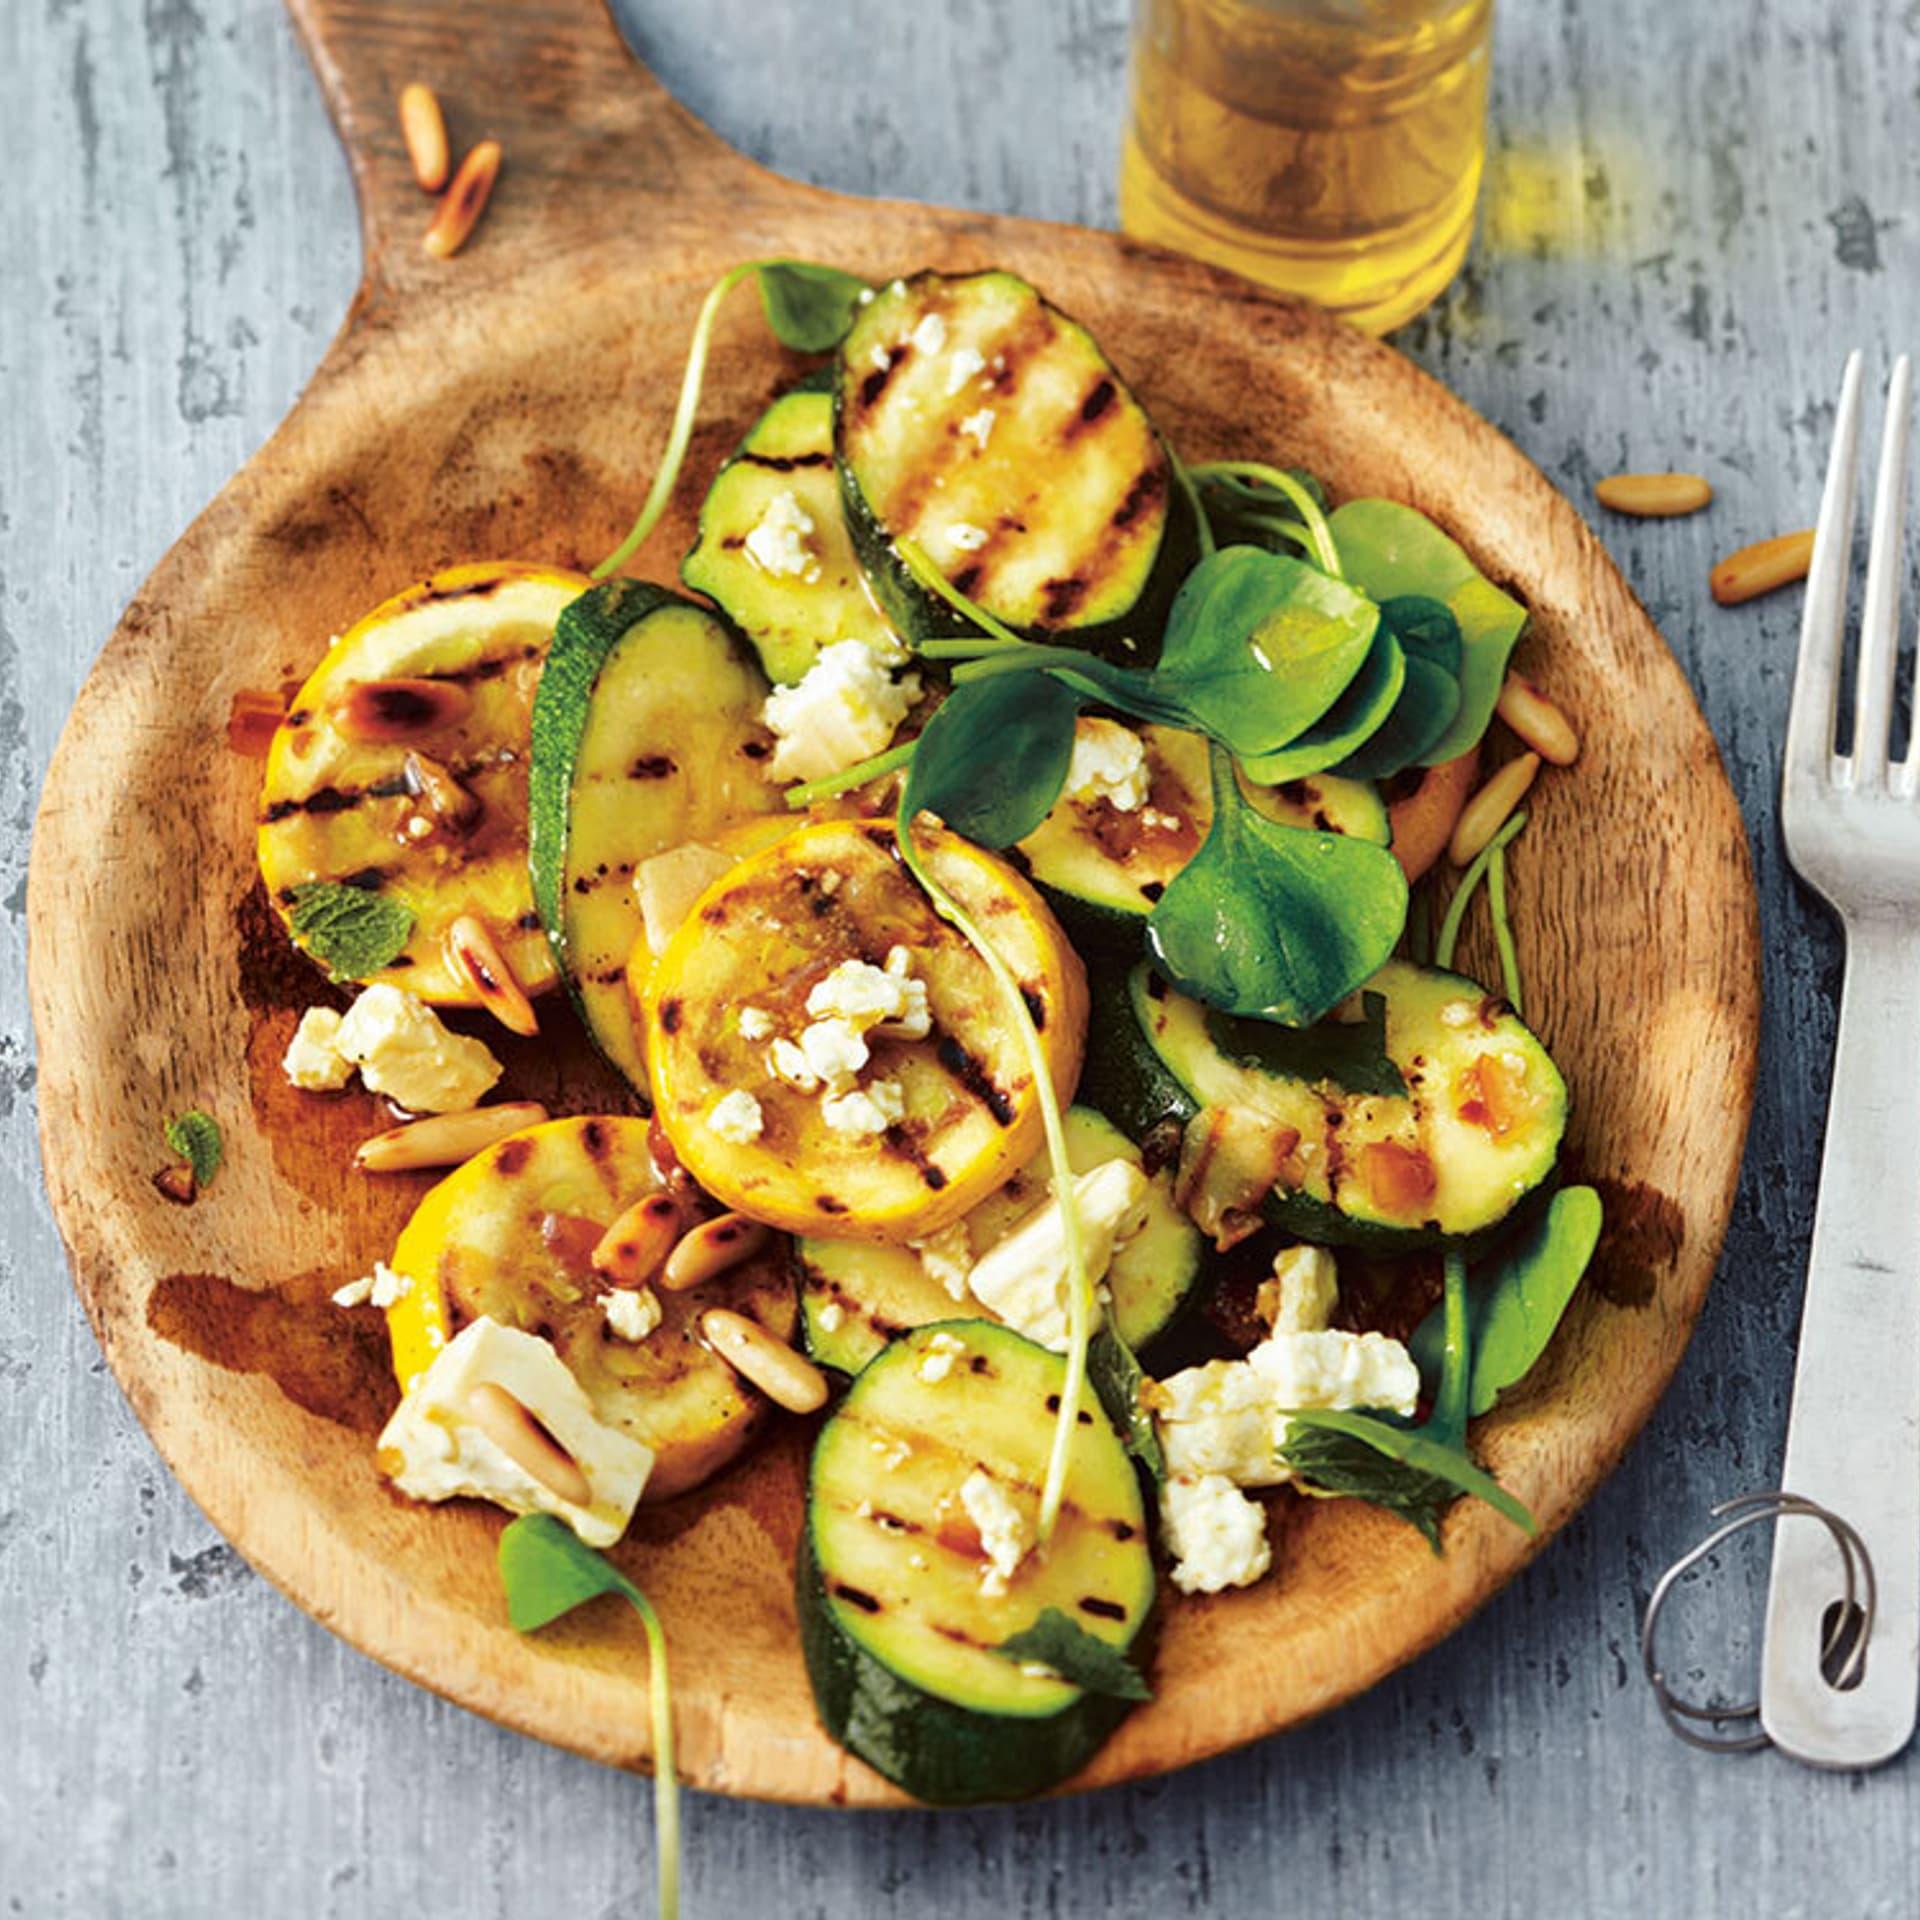 Ein Brettchen belegt mit gerösteten Zucchini und Salat